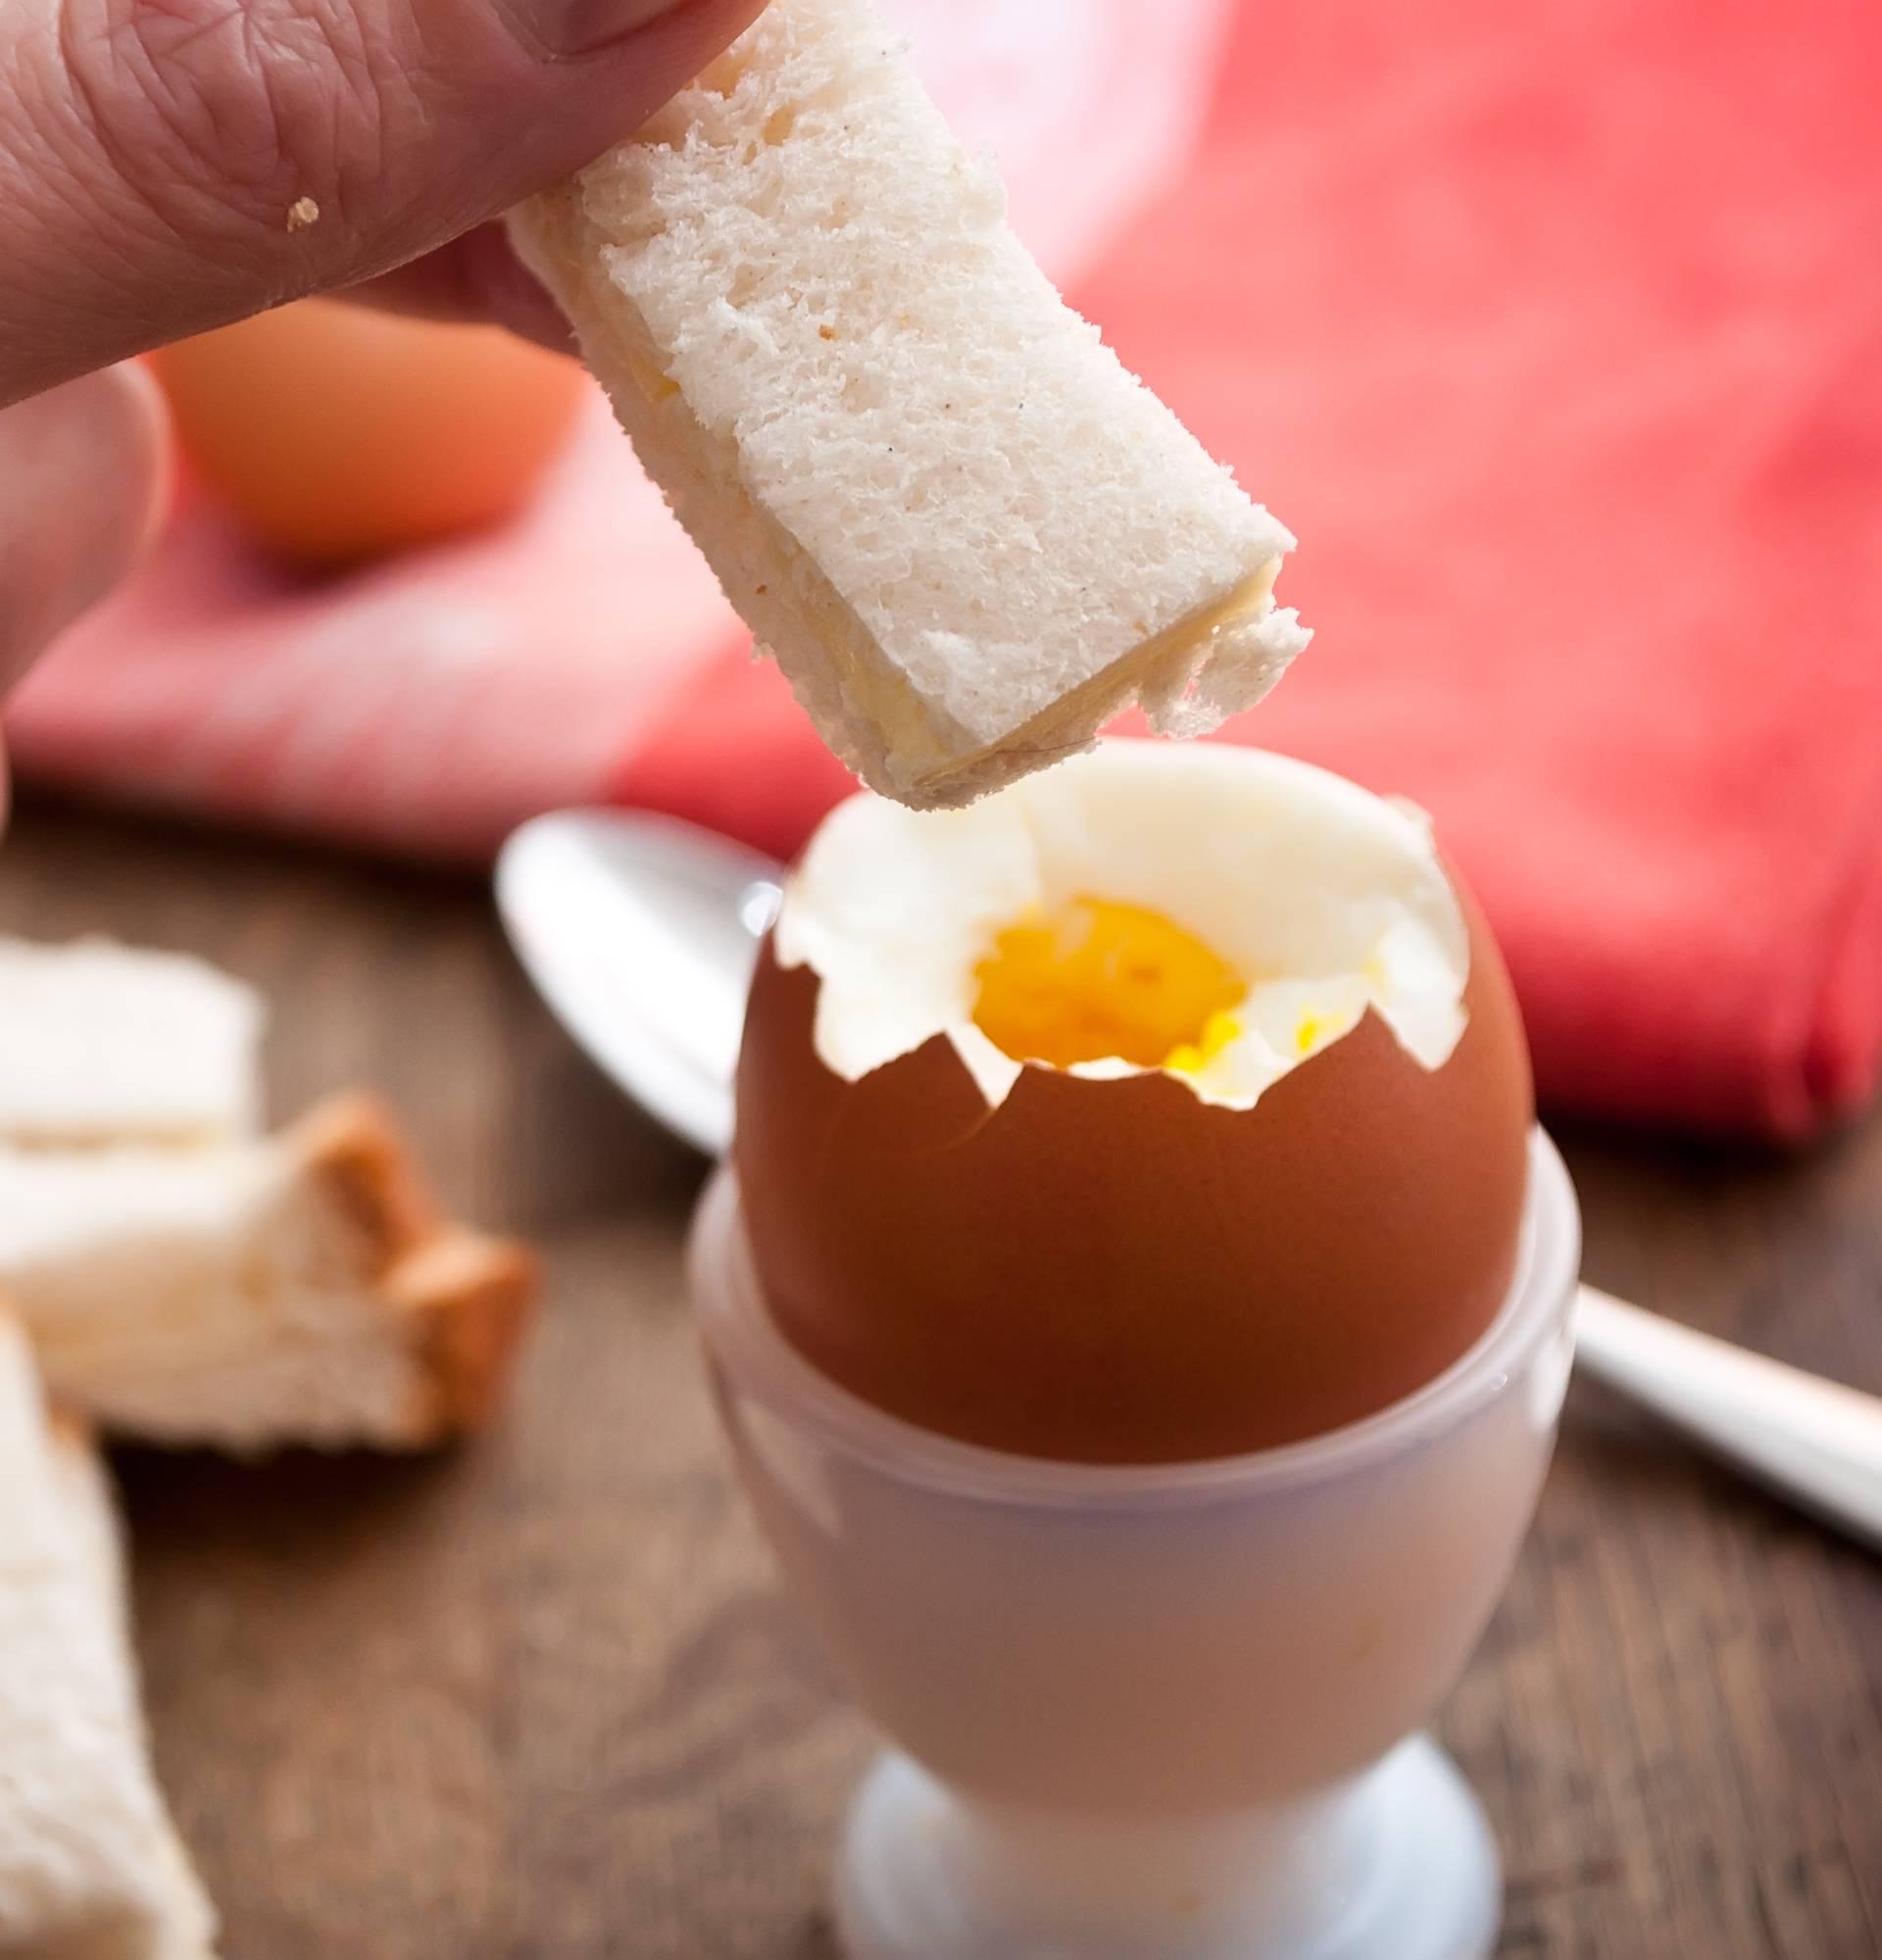 Meko kuhano jaje ili na oko? Evo što to doista otkriva o vama...